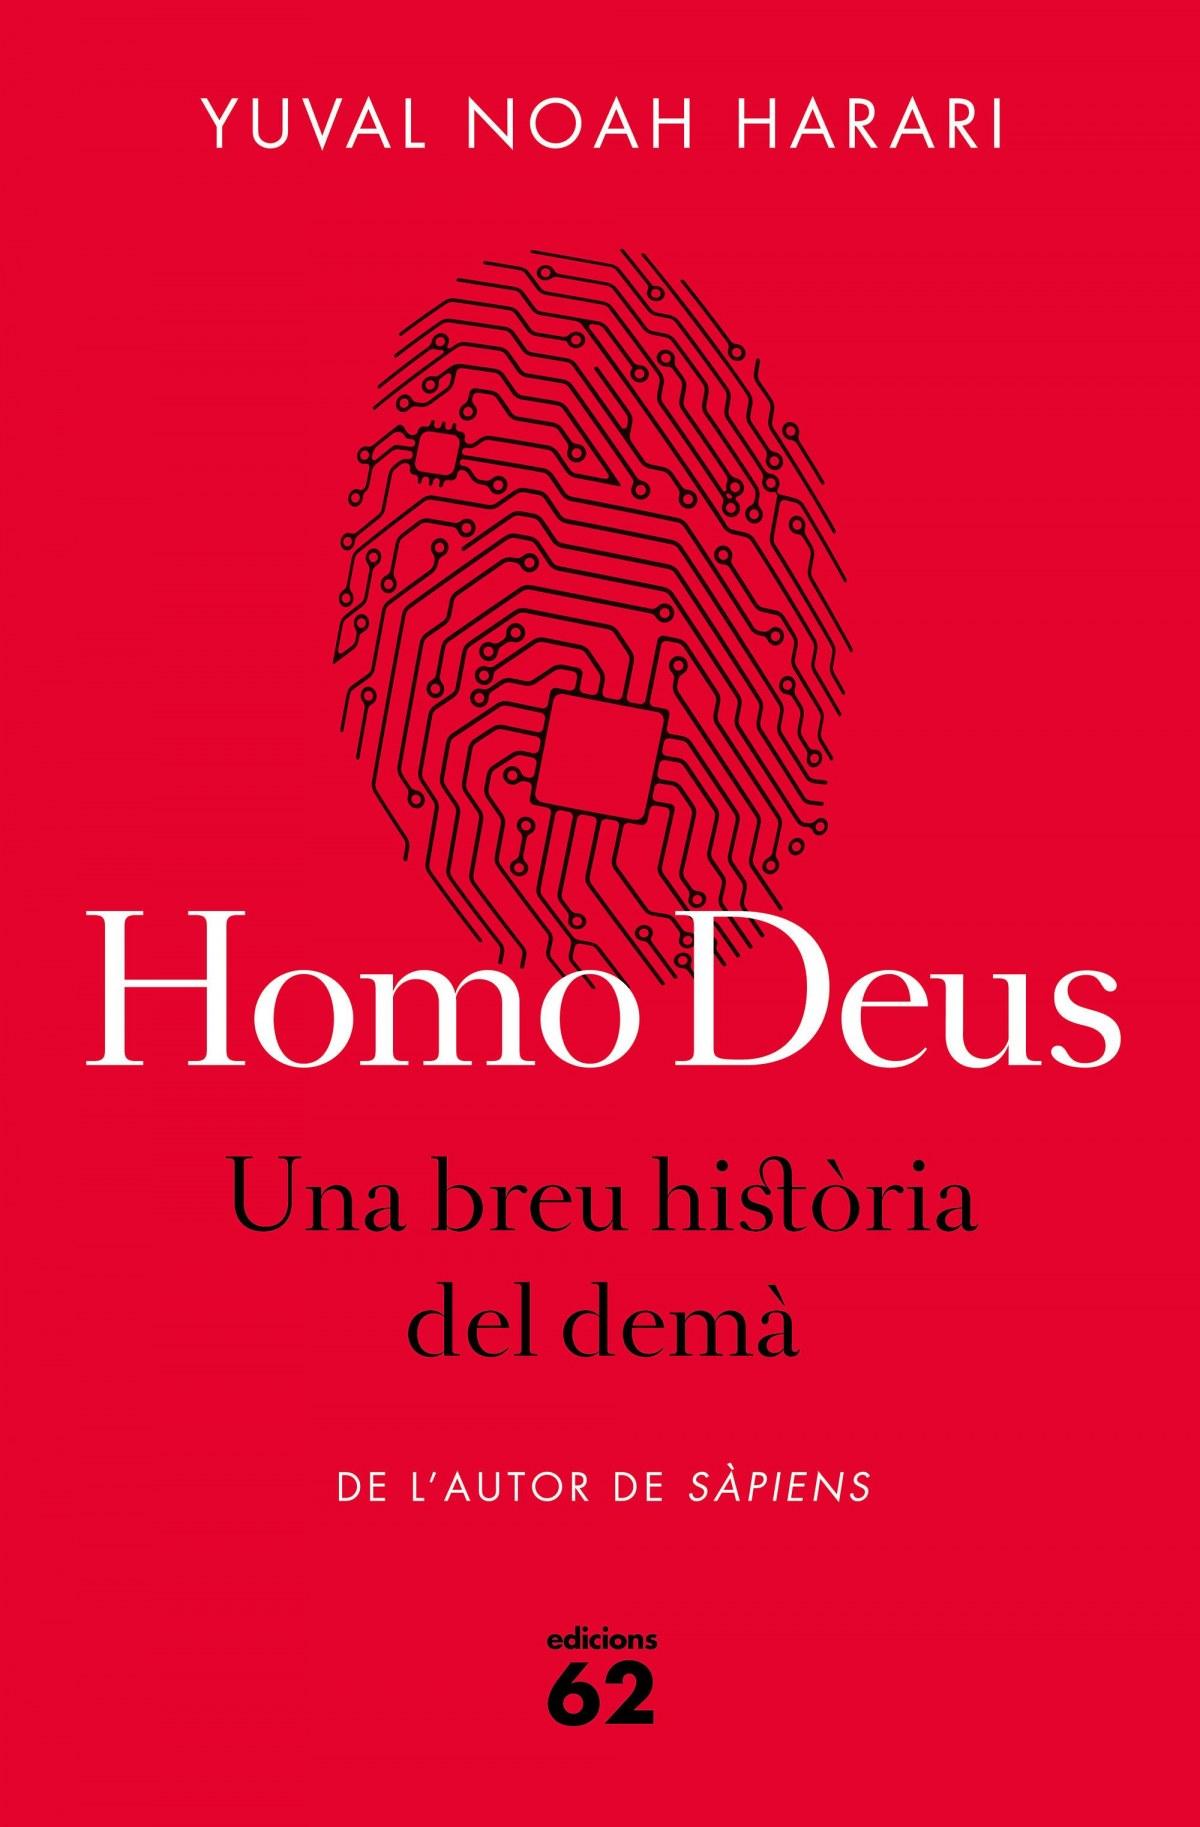 Homo deus 9788429775273